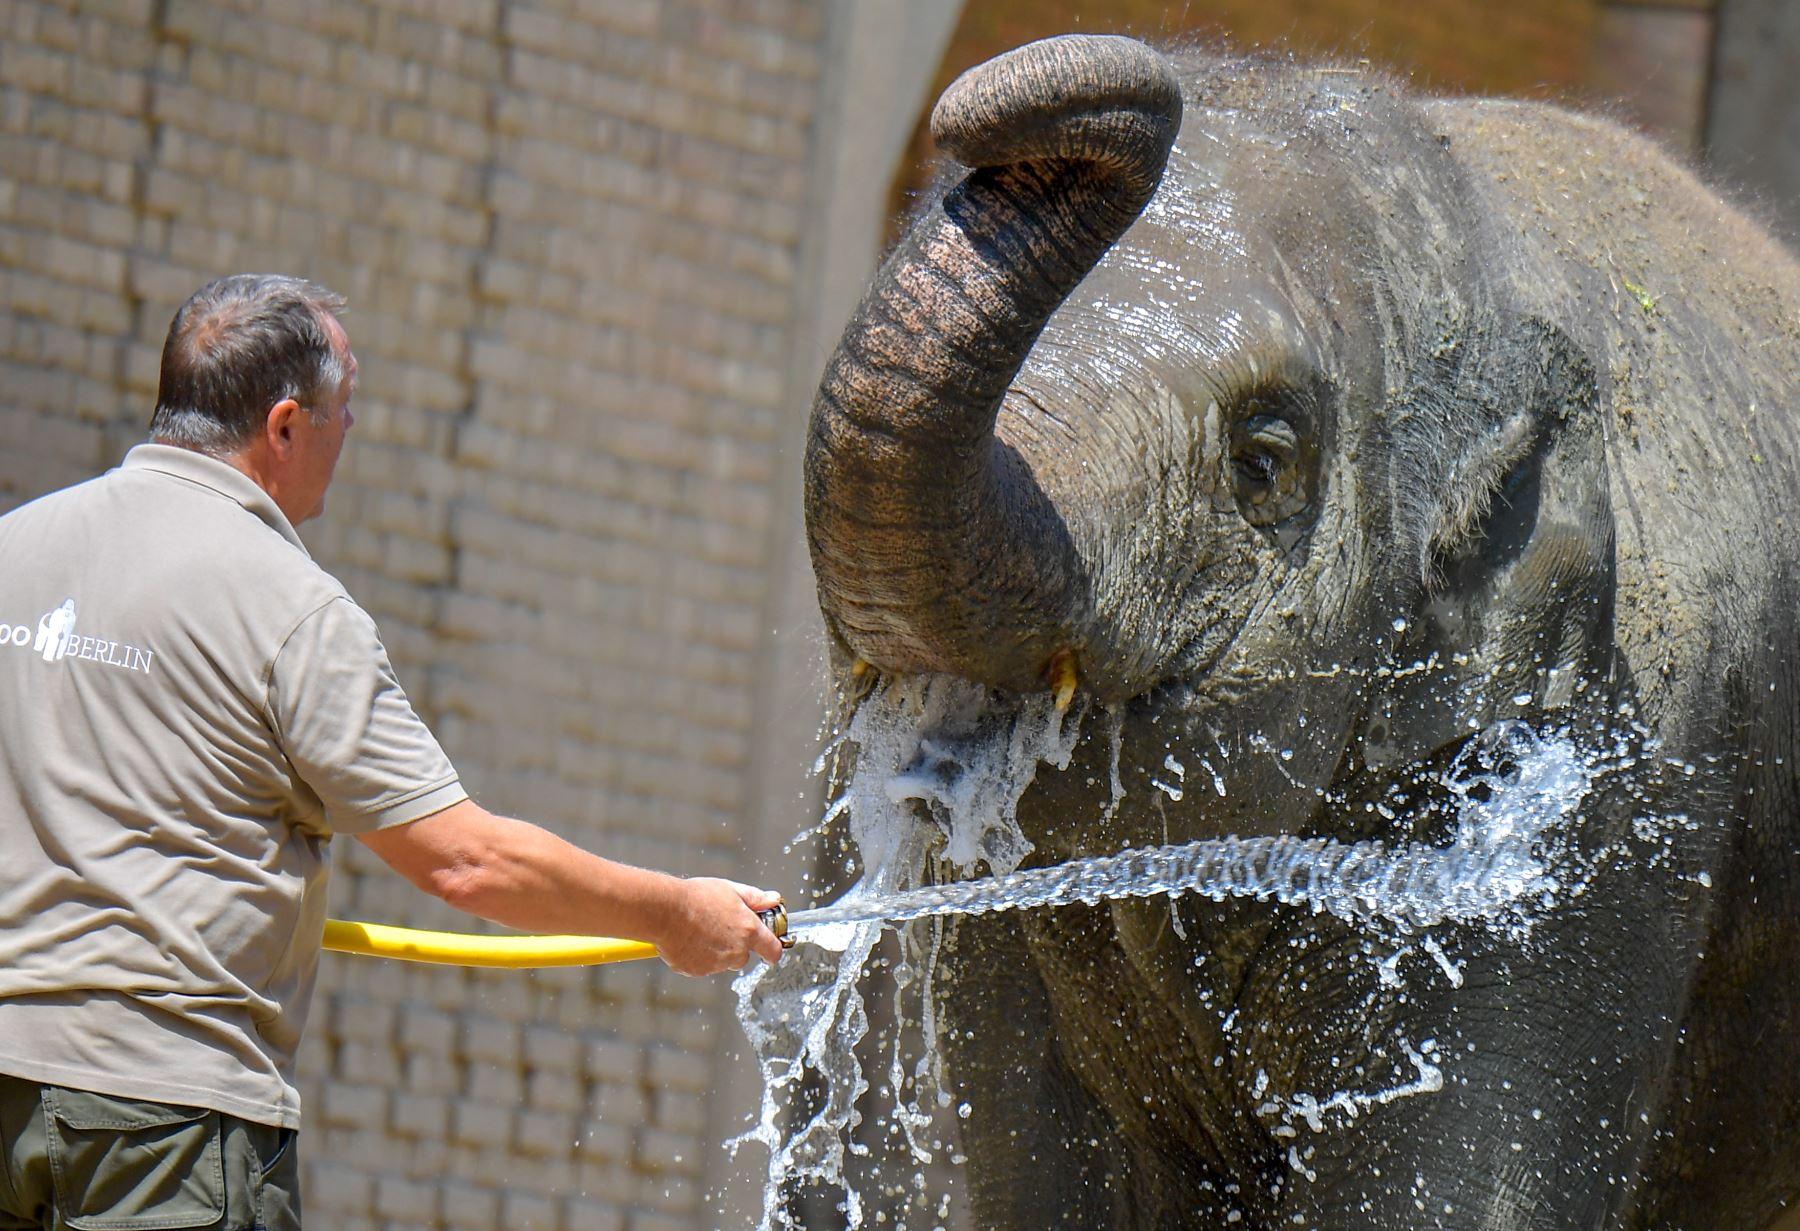 Un guardián del zoológico derrama agua sobre elefantes asiáticos en el zoológico de Berlín, para refrescarlos a medida que las temperaturas en la capital alcanzan los 33 grados. Foto: AFP